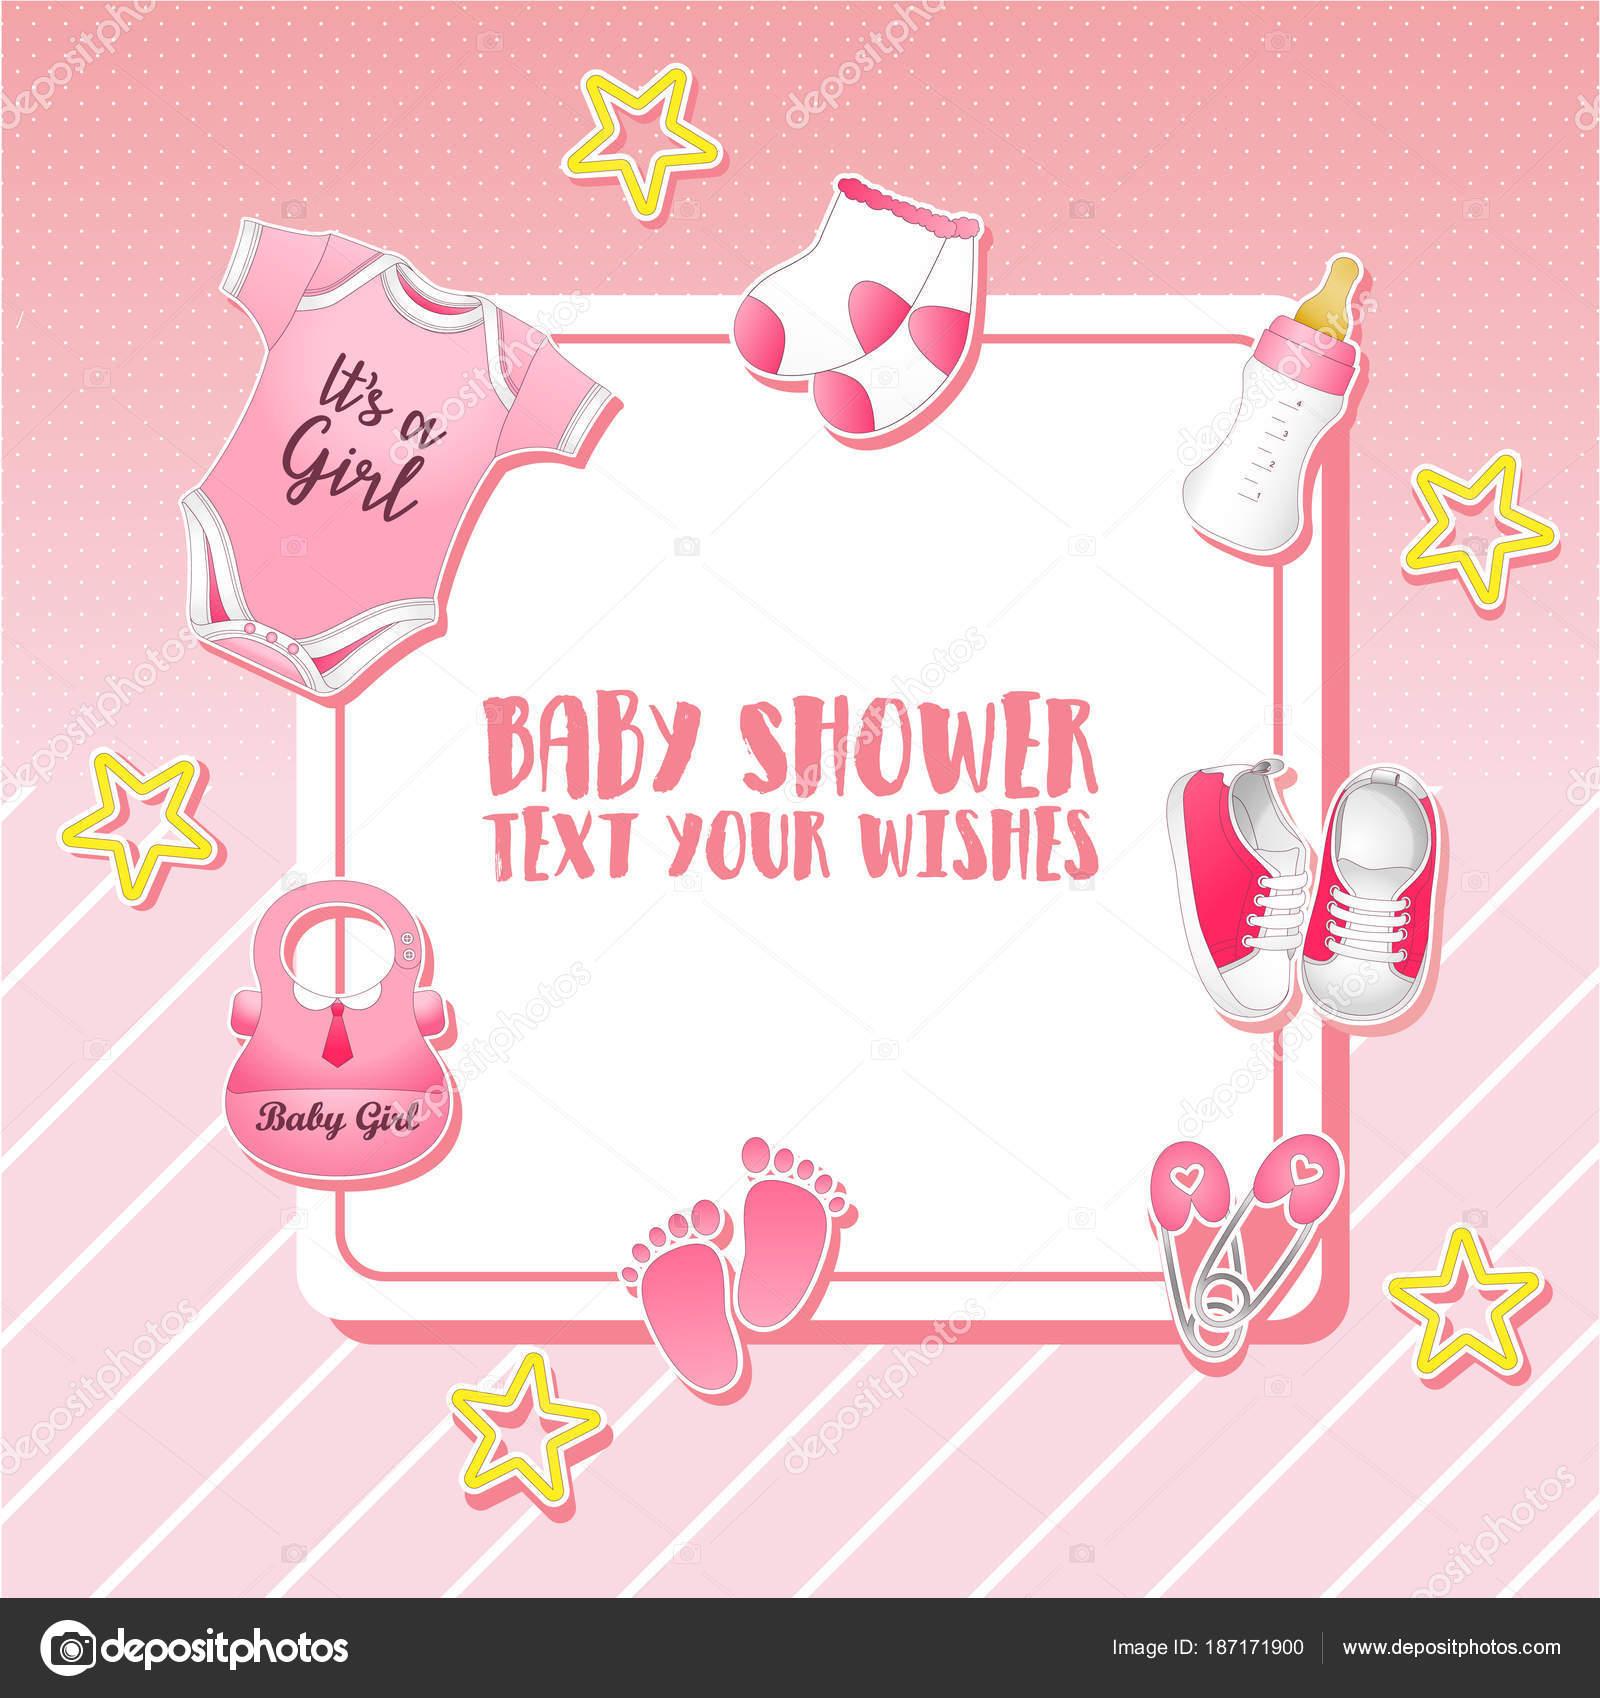 Vektor Illustration Von Baby Dusche Set Einladung Vorlage Mit Platz ...